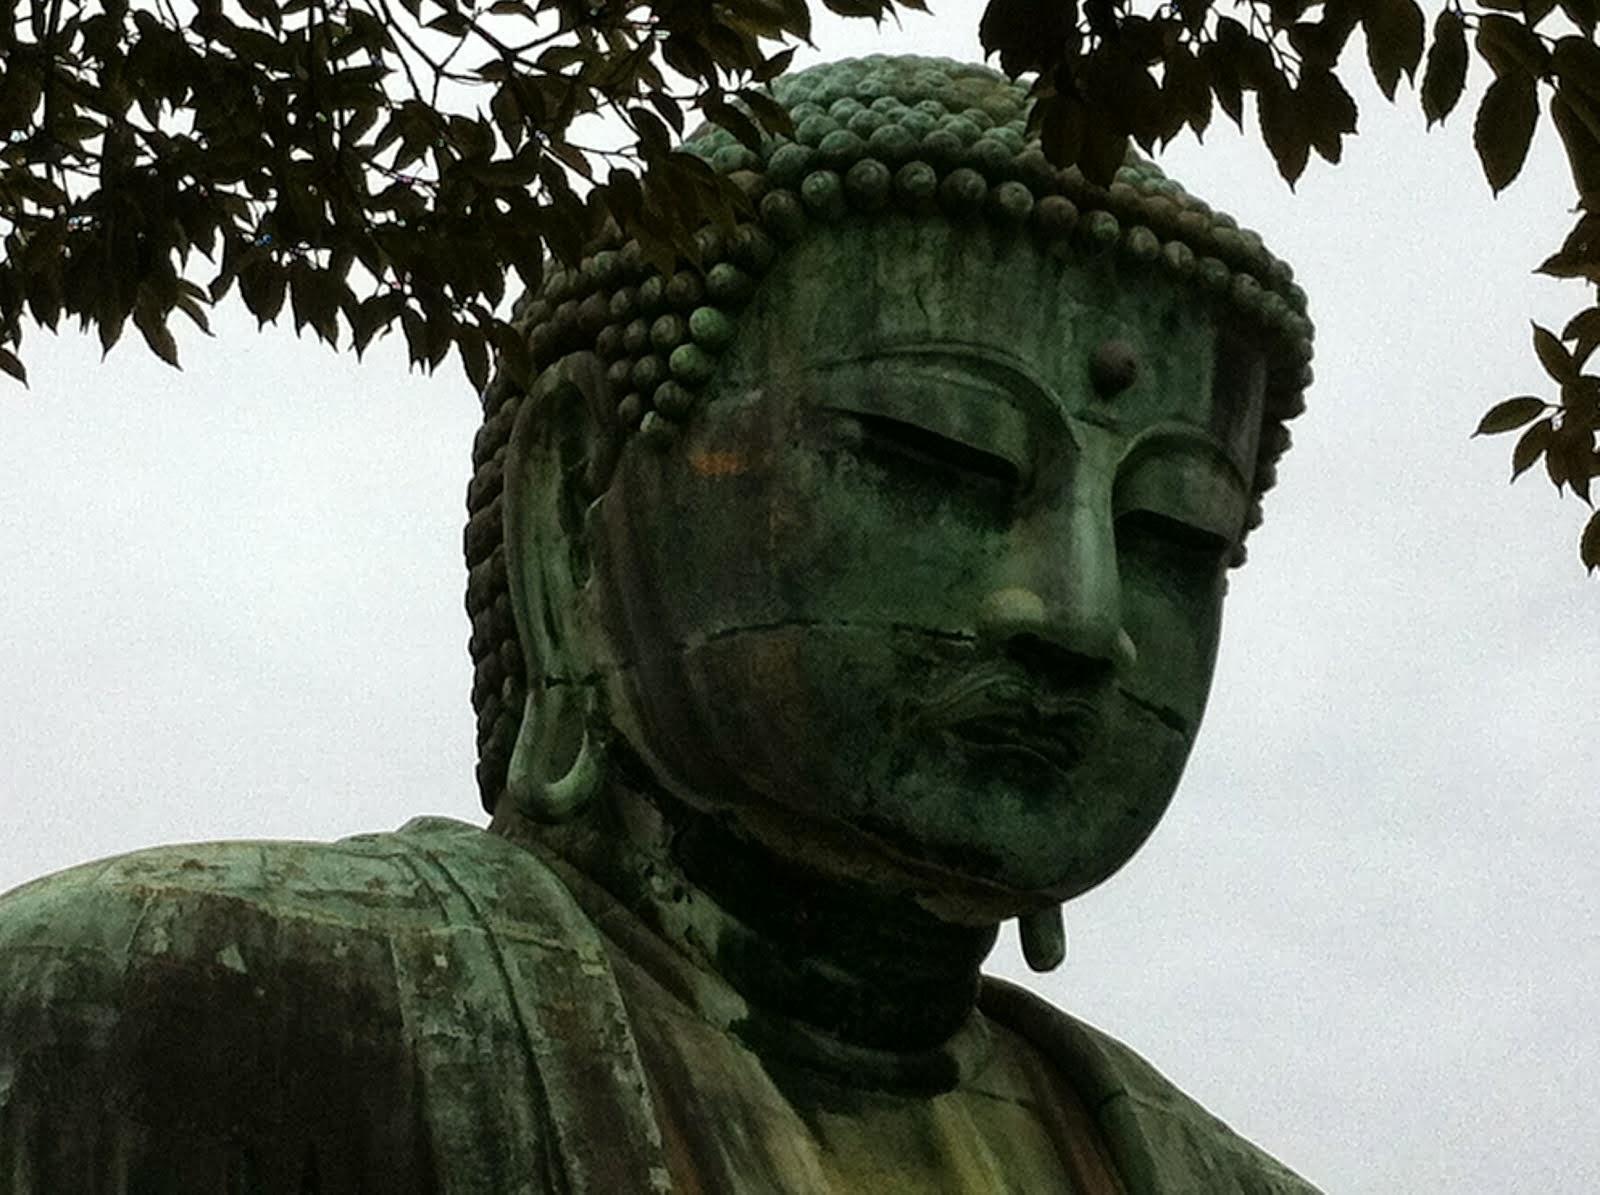 Buda de Kamakura, Japon